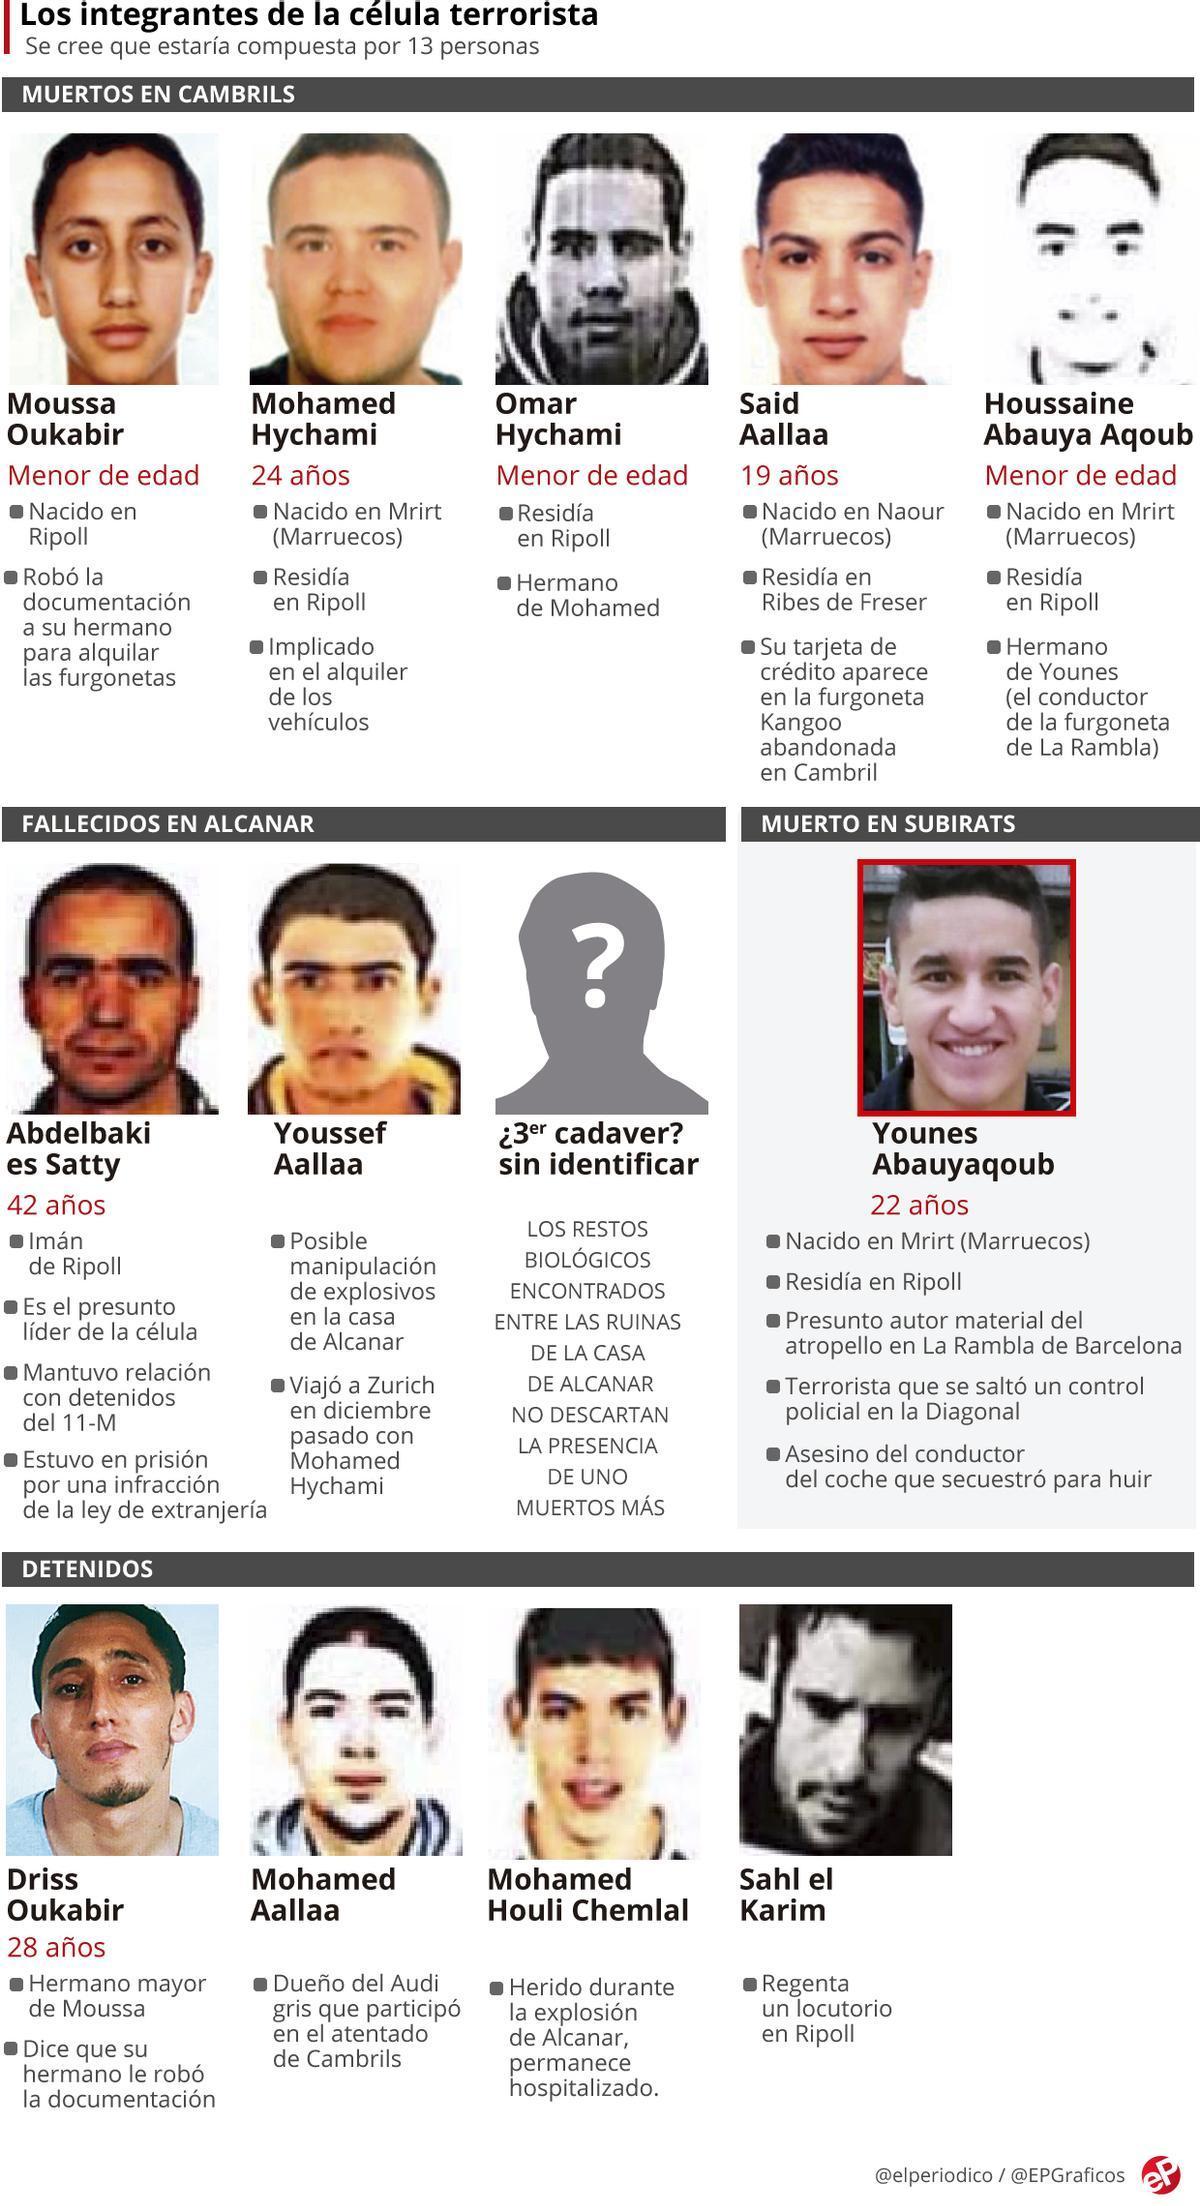 Los 12 terroristas de Barcelona y Cambrils